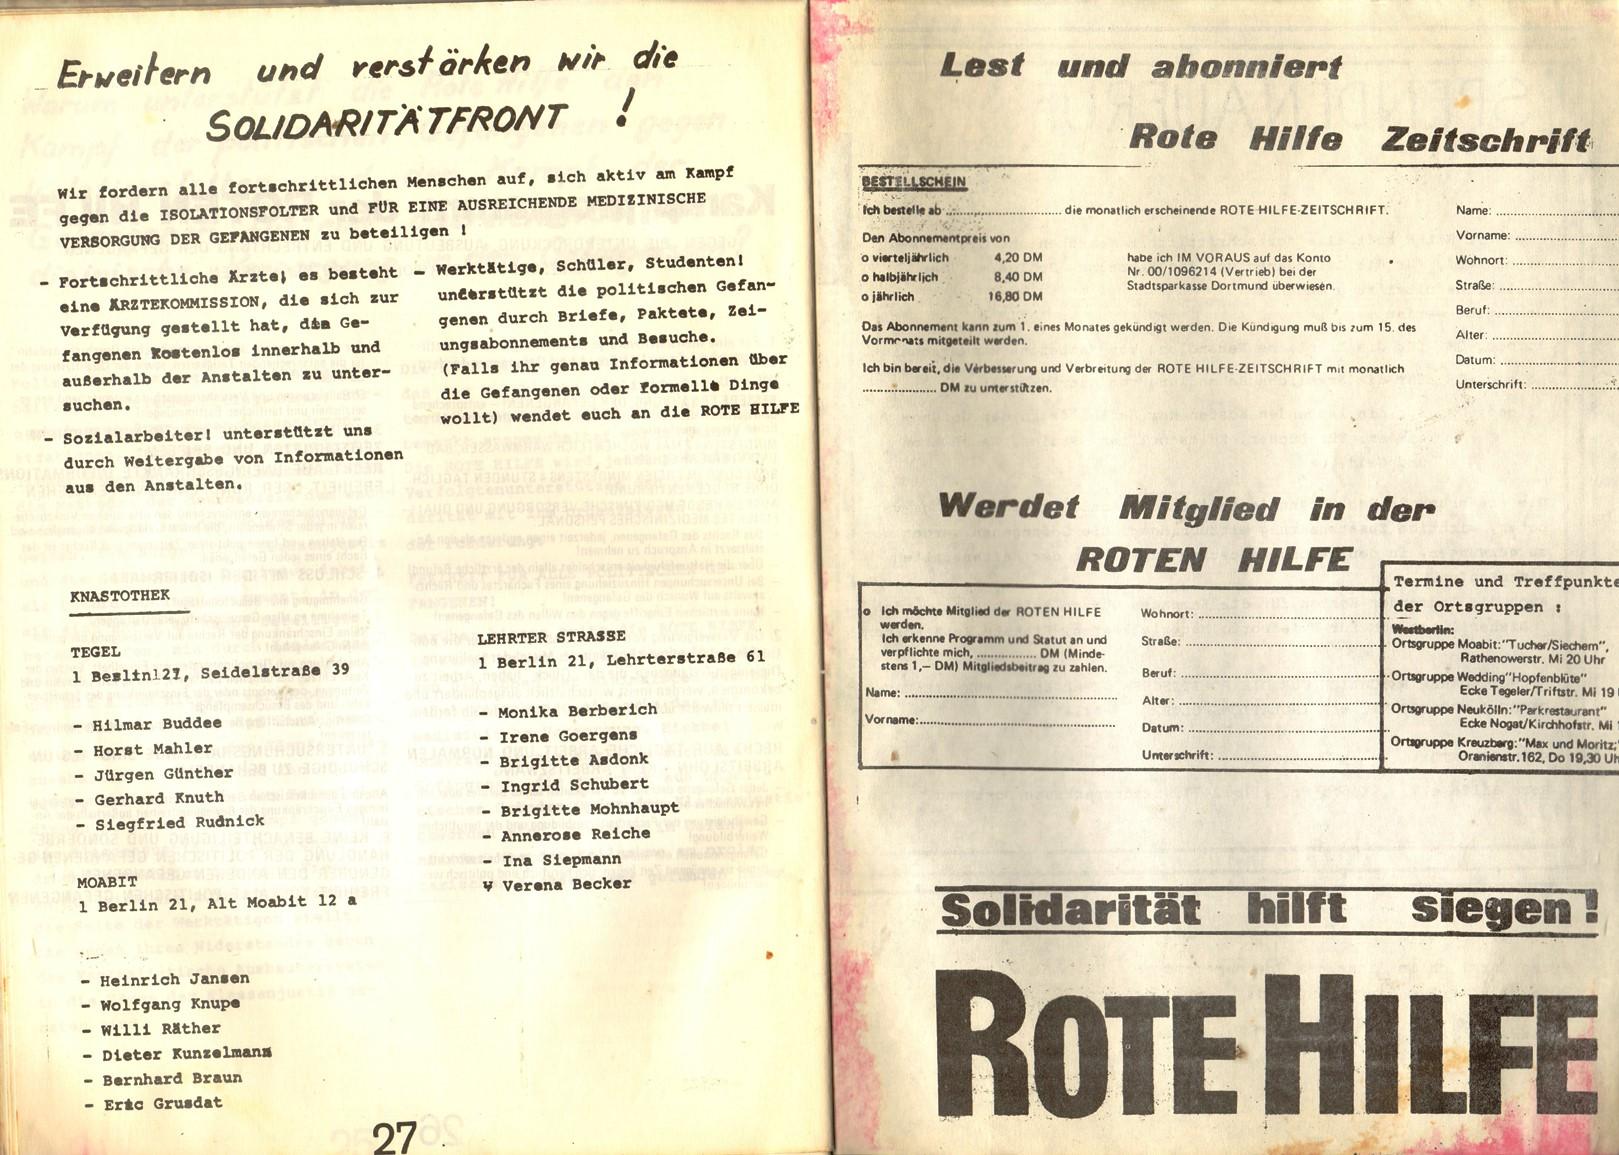 Berlin_RHeV_1974_Schluss_mit_der_Isolationsfolter_15